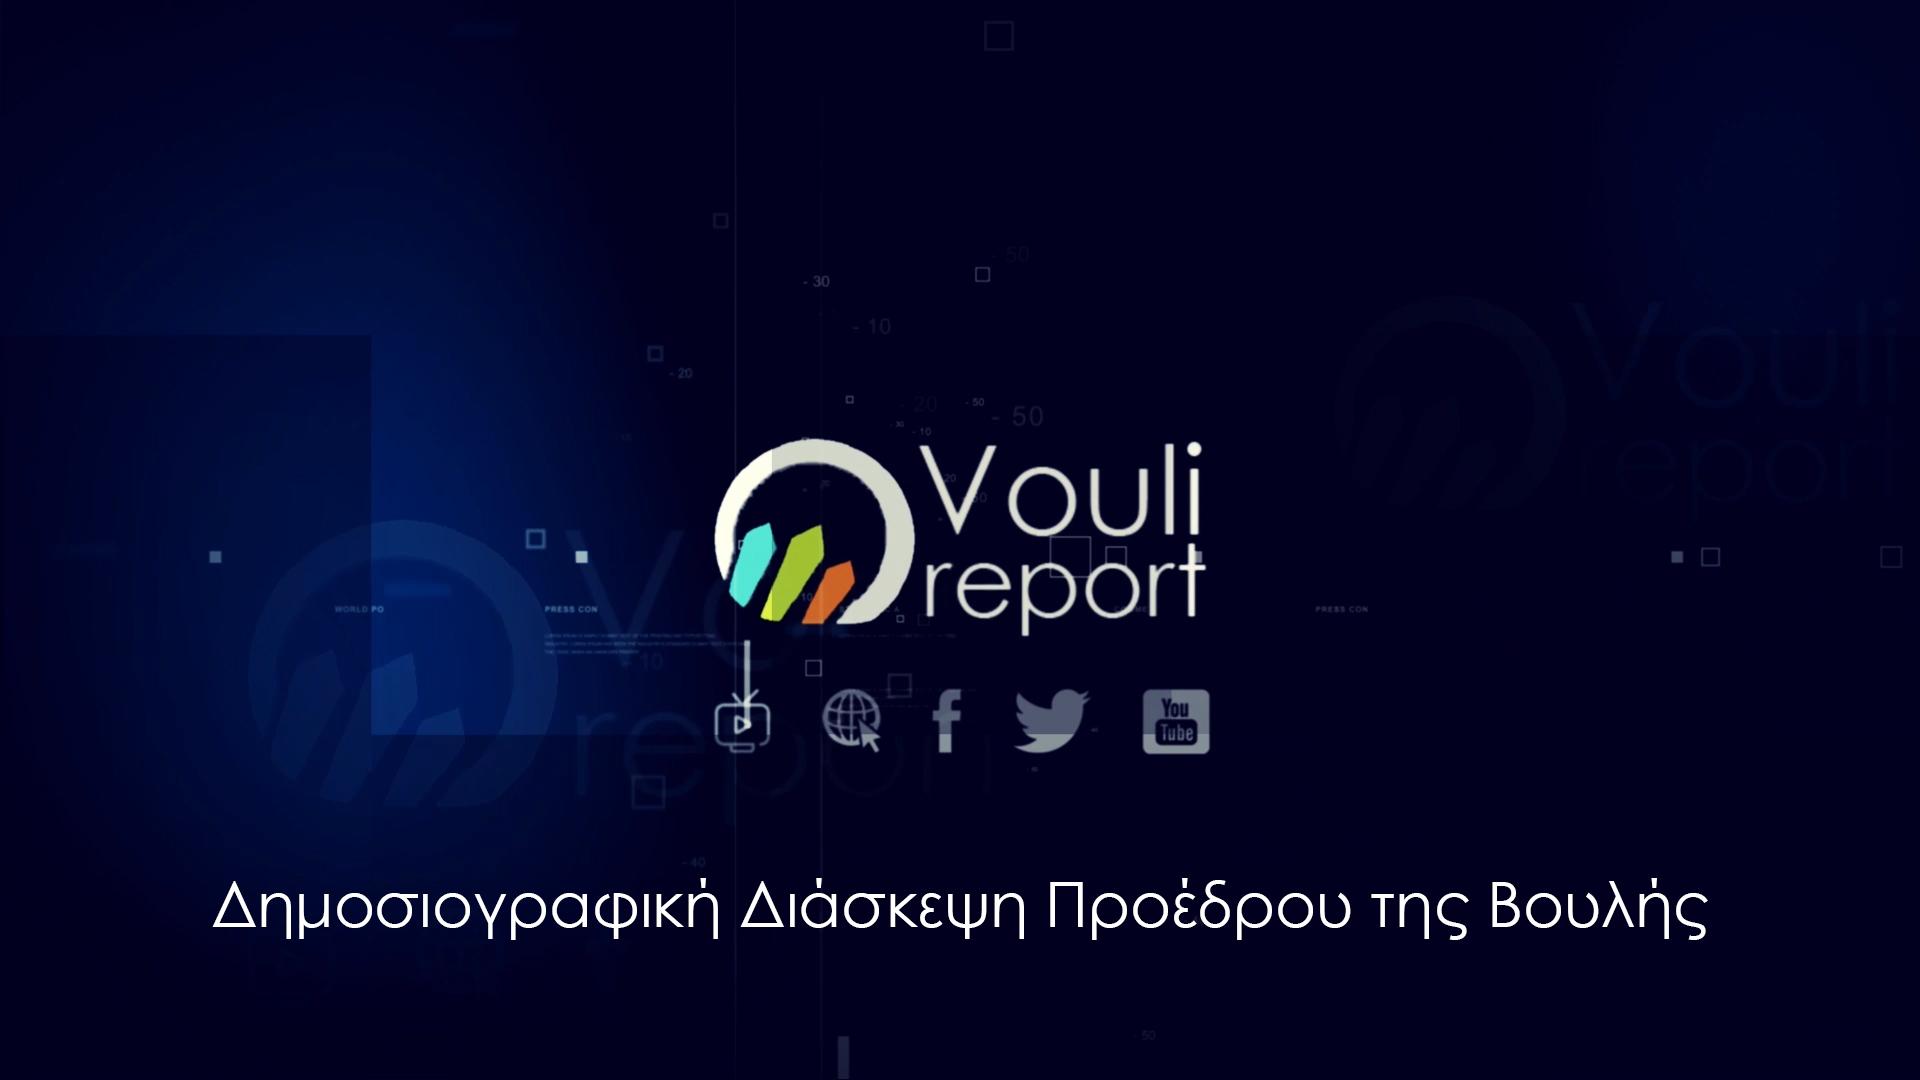 Δημοσιογραφική Διάσκεψη Προέδρου της Βουλής | Vouli report - 25/11/2020